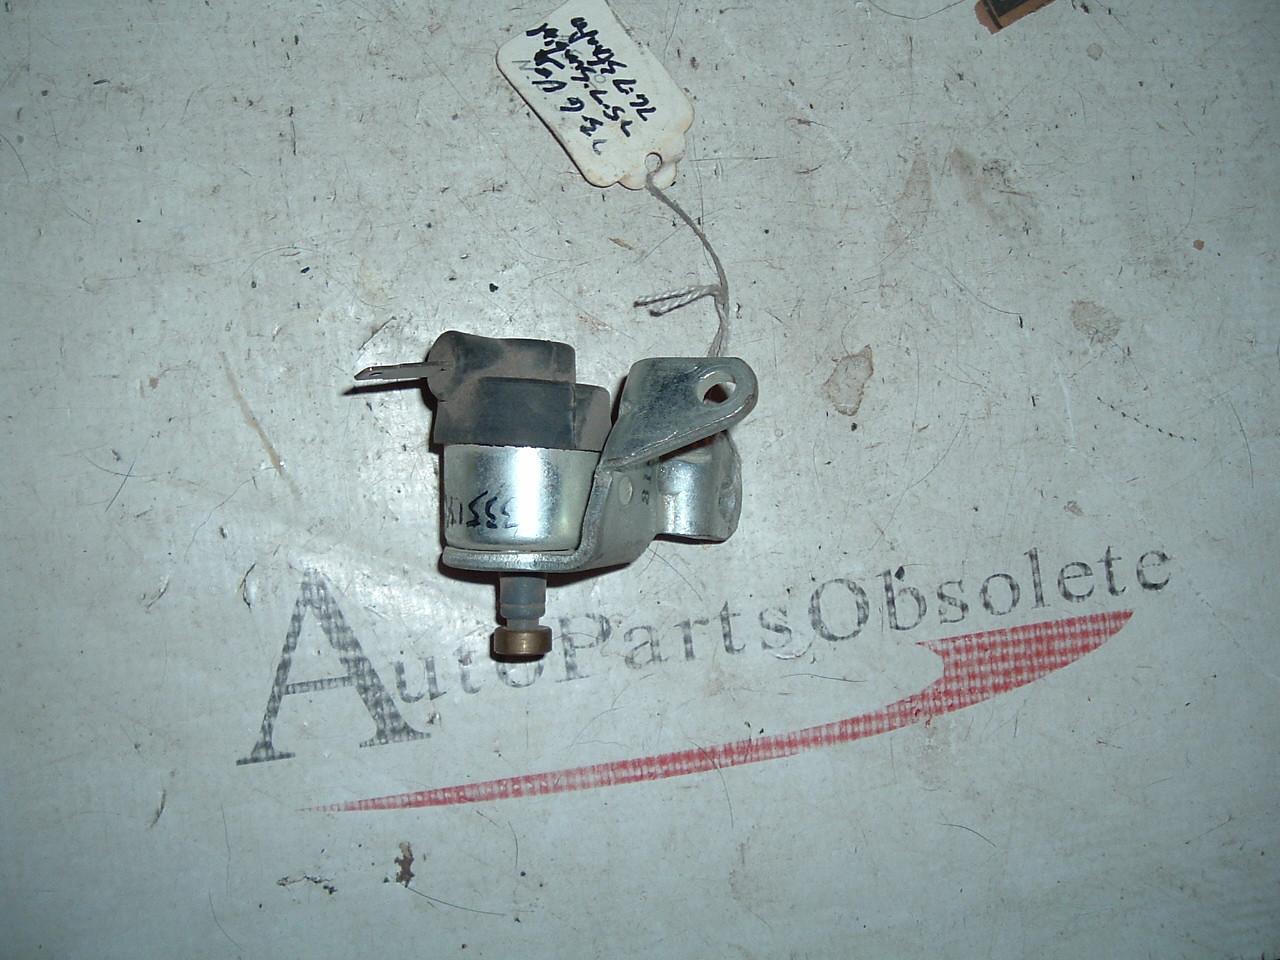 1973 74 75 76 77 chevrolet vega oldsmobile pontiac idle solenoid # 335146 (z 335146)